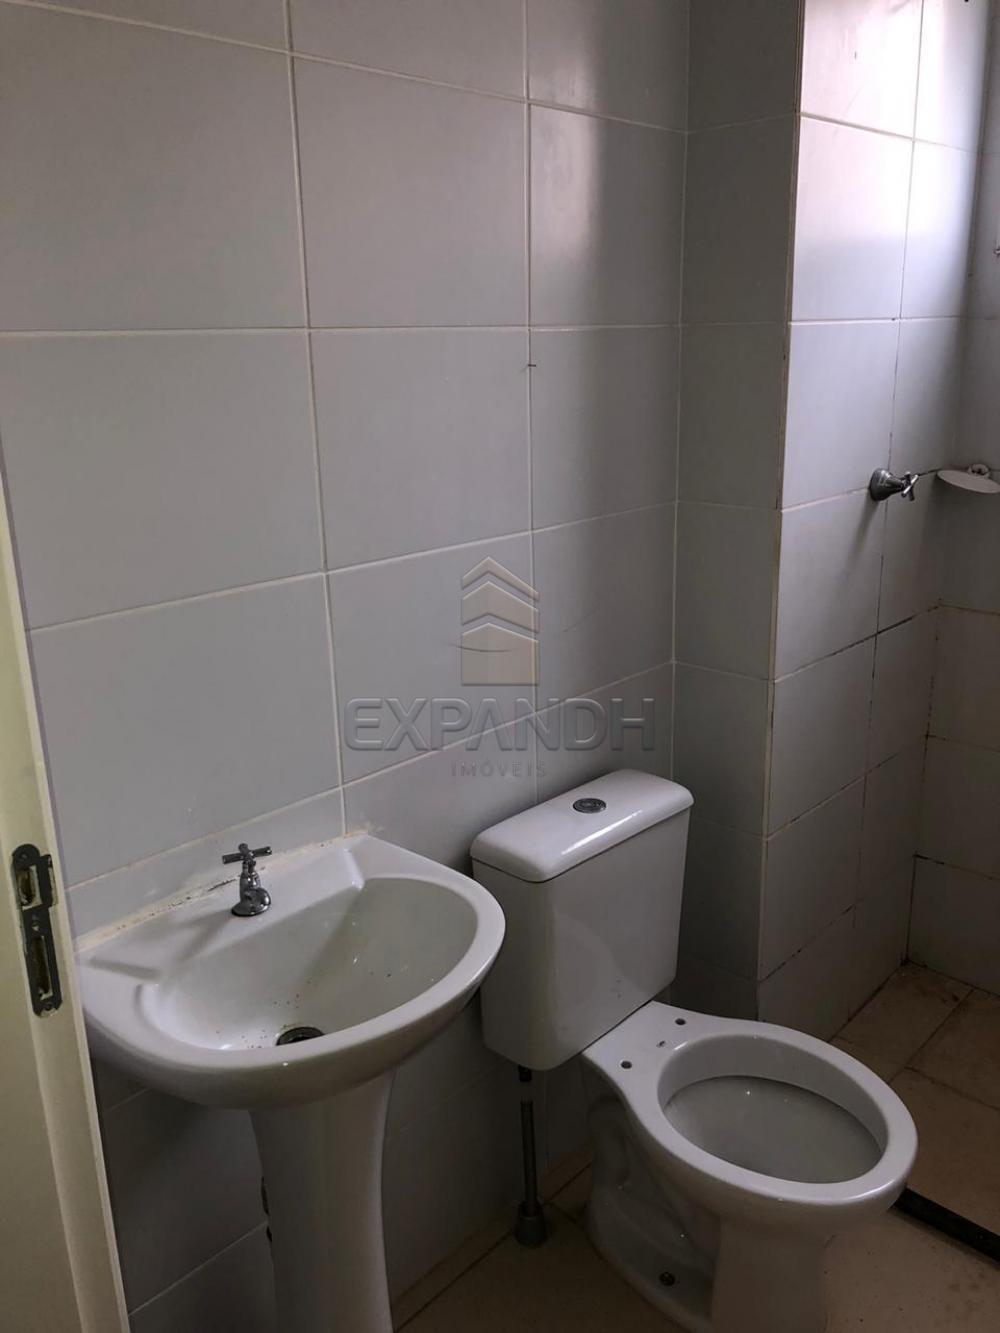 Alugar Apartamentos / Padrão em Sertãozinho R$ 650,00 - Foto 11